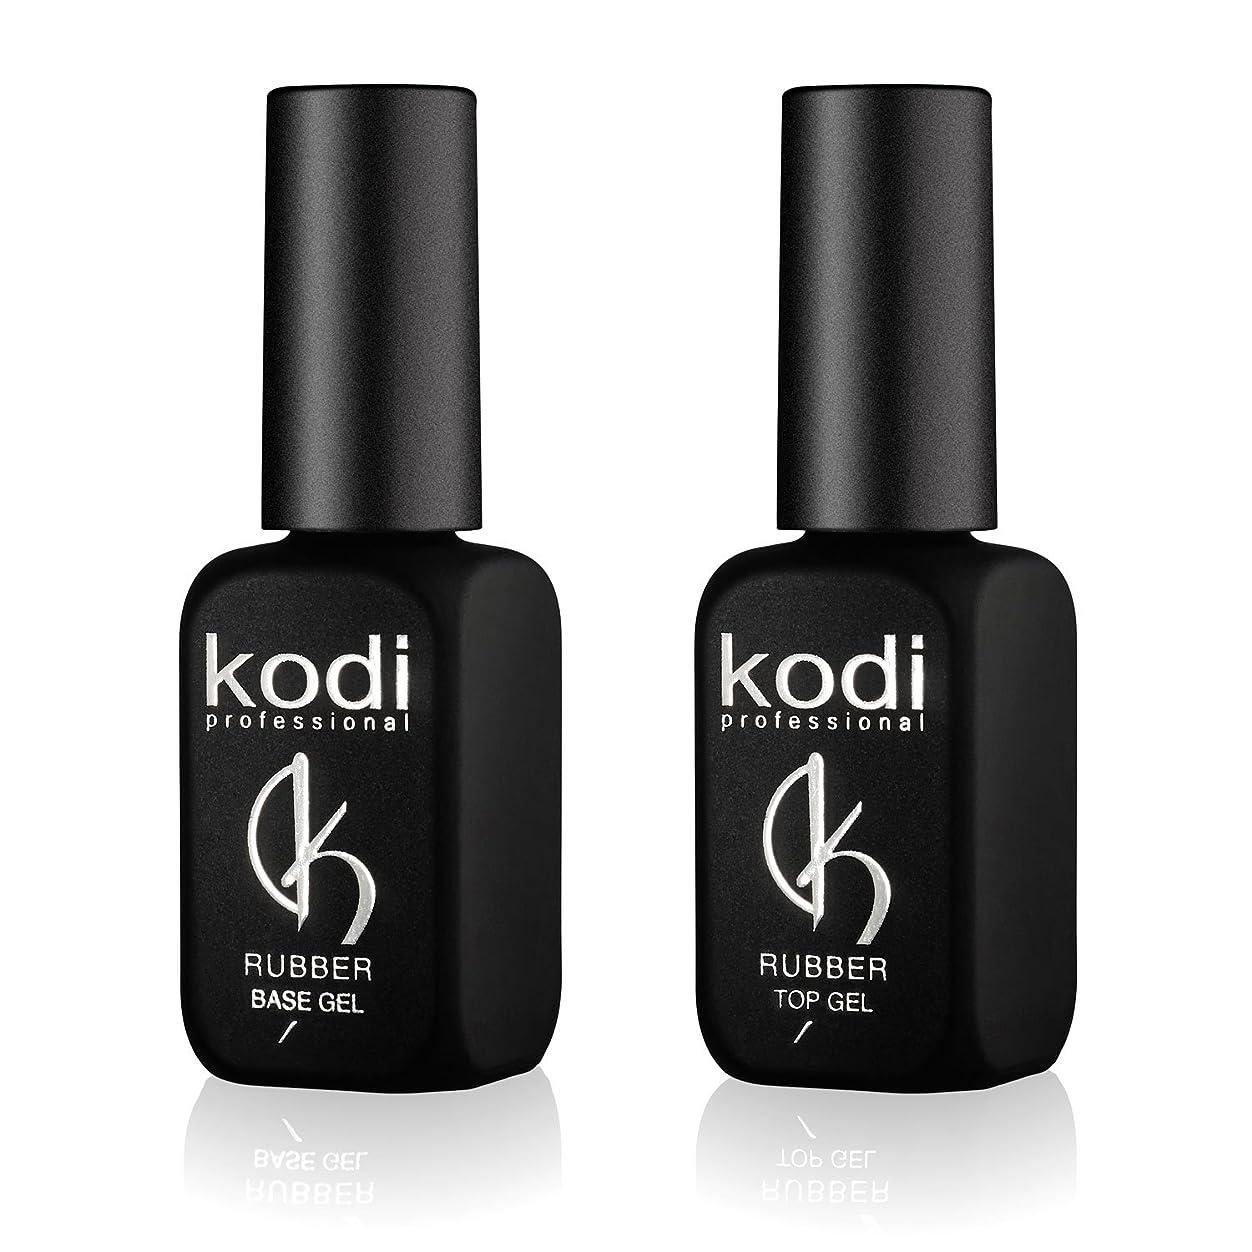 ムスタチオしつけ意外Kodi プロフェッショナルラバートップ&ベースジェルセット| 12ml 0.42オンス|爪のソークオフとポリッシュ コートキット|長持ちするネイルレイヤー|使いやすい、無毒&無香料| LEDまたはUVランプの下で硬化